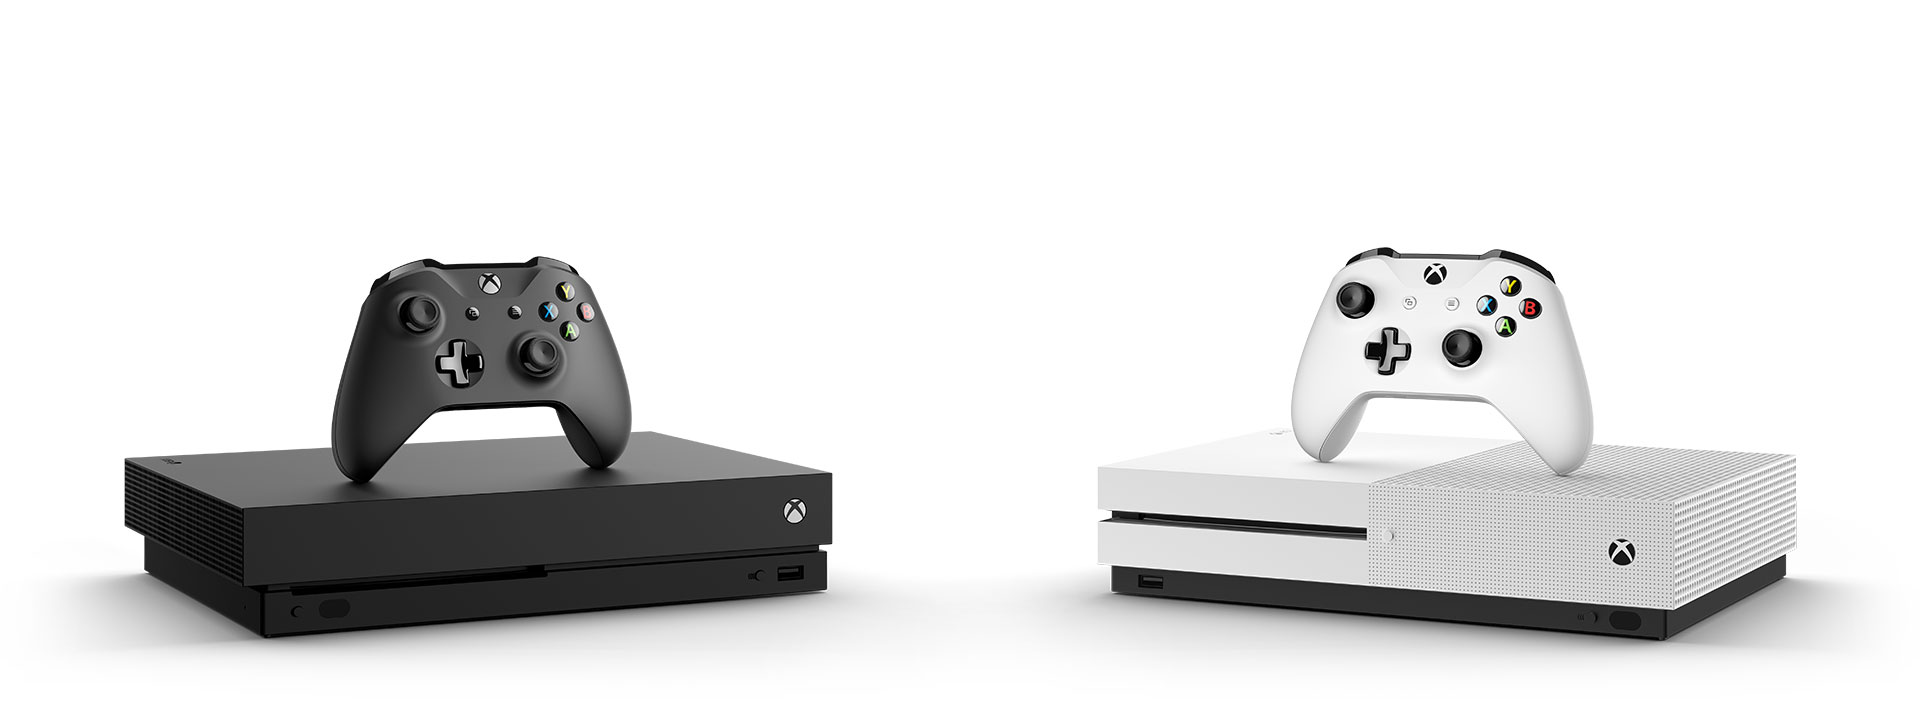 Mustavalkoiset Xbox One -konsolit, joiden päällä on mustat ja valkoiset ohjaimet